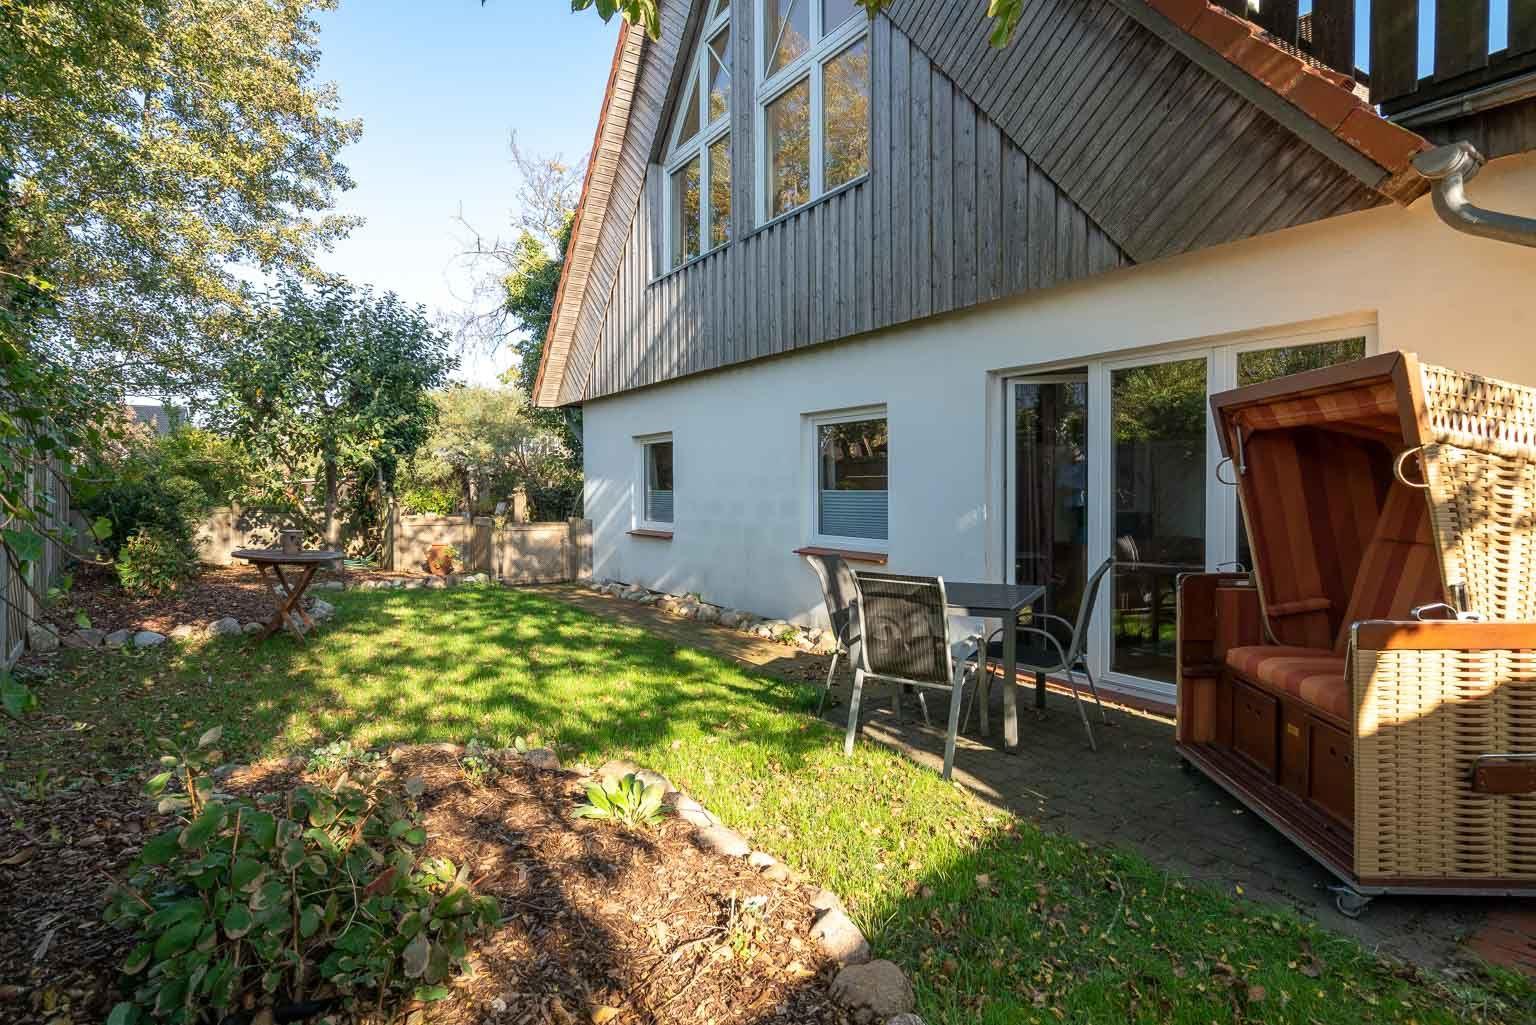 """Gartenterrasse - St Peter Ording Dorf, Ferienhaus Gartenweg 3, Wohnung 2 """"Strandflieder"""""""